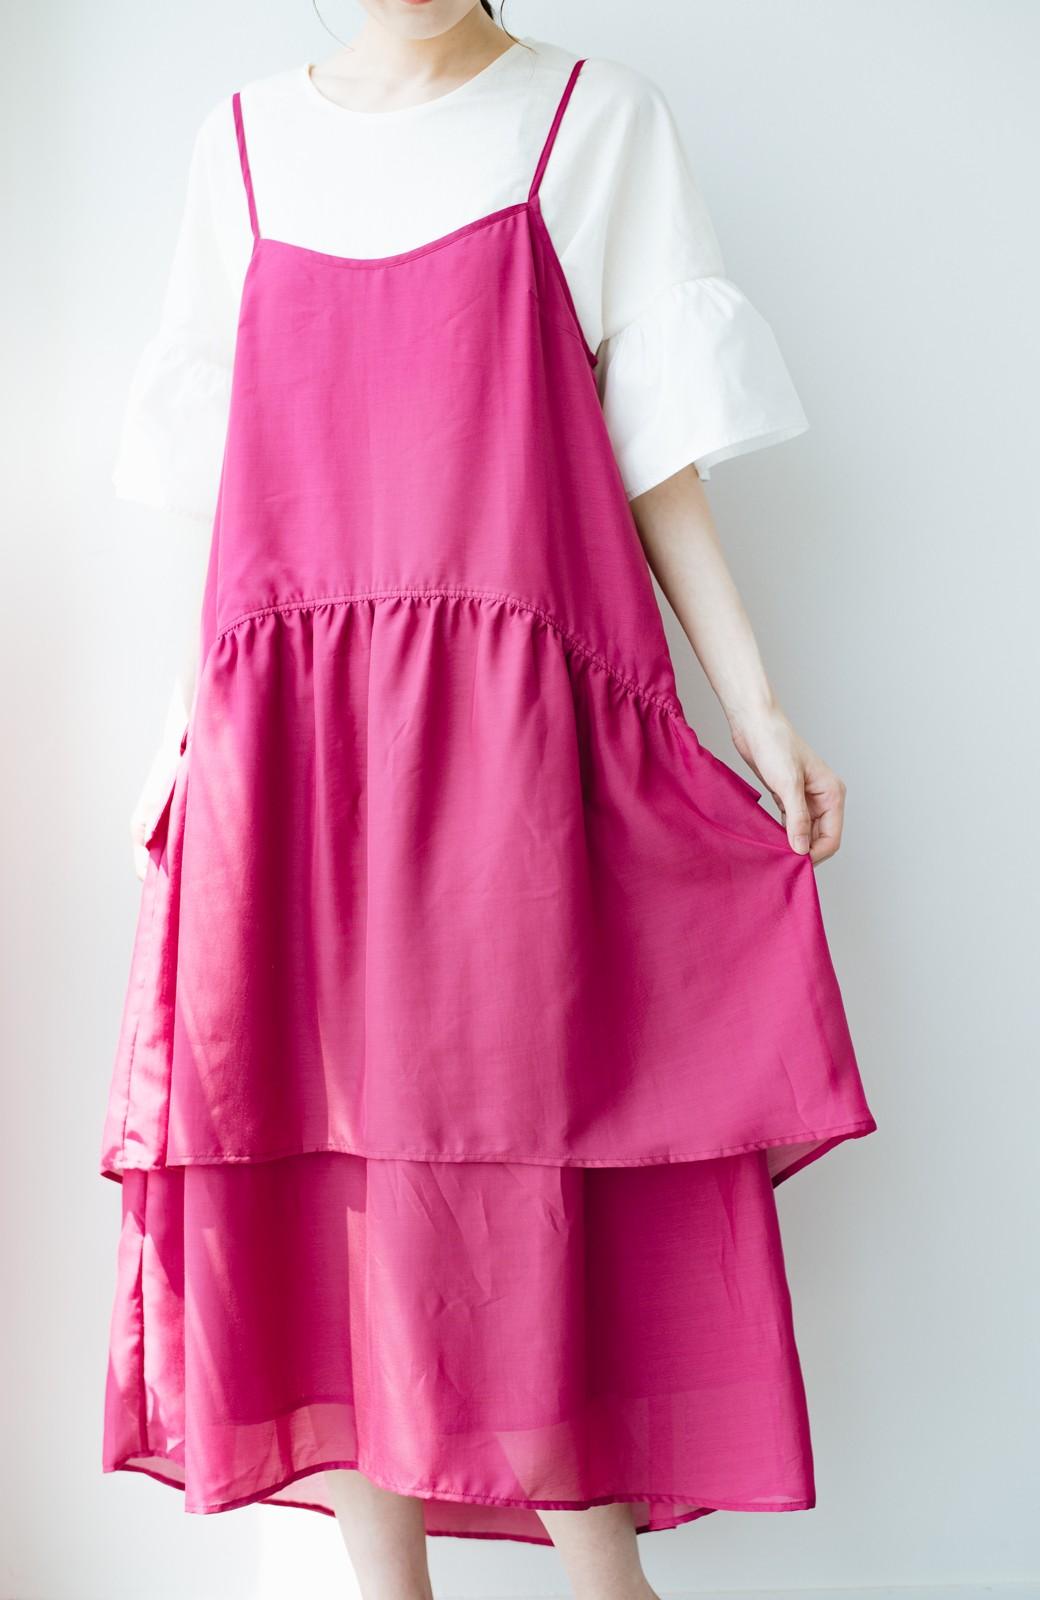 haco! てとひとて KANA MATSUNAMI  ティアードキャミドレス  <ピンク>の商品写真3